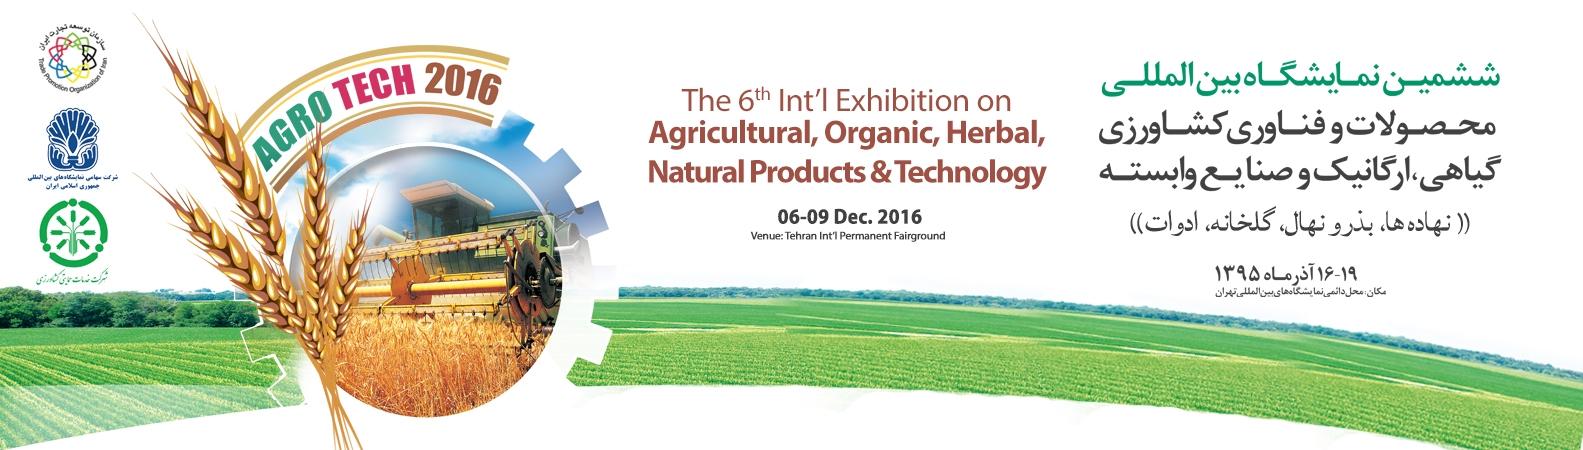 ششمین نمایشگاه بین المللی محصولات و فنــاوری کشاورزی